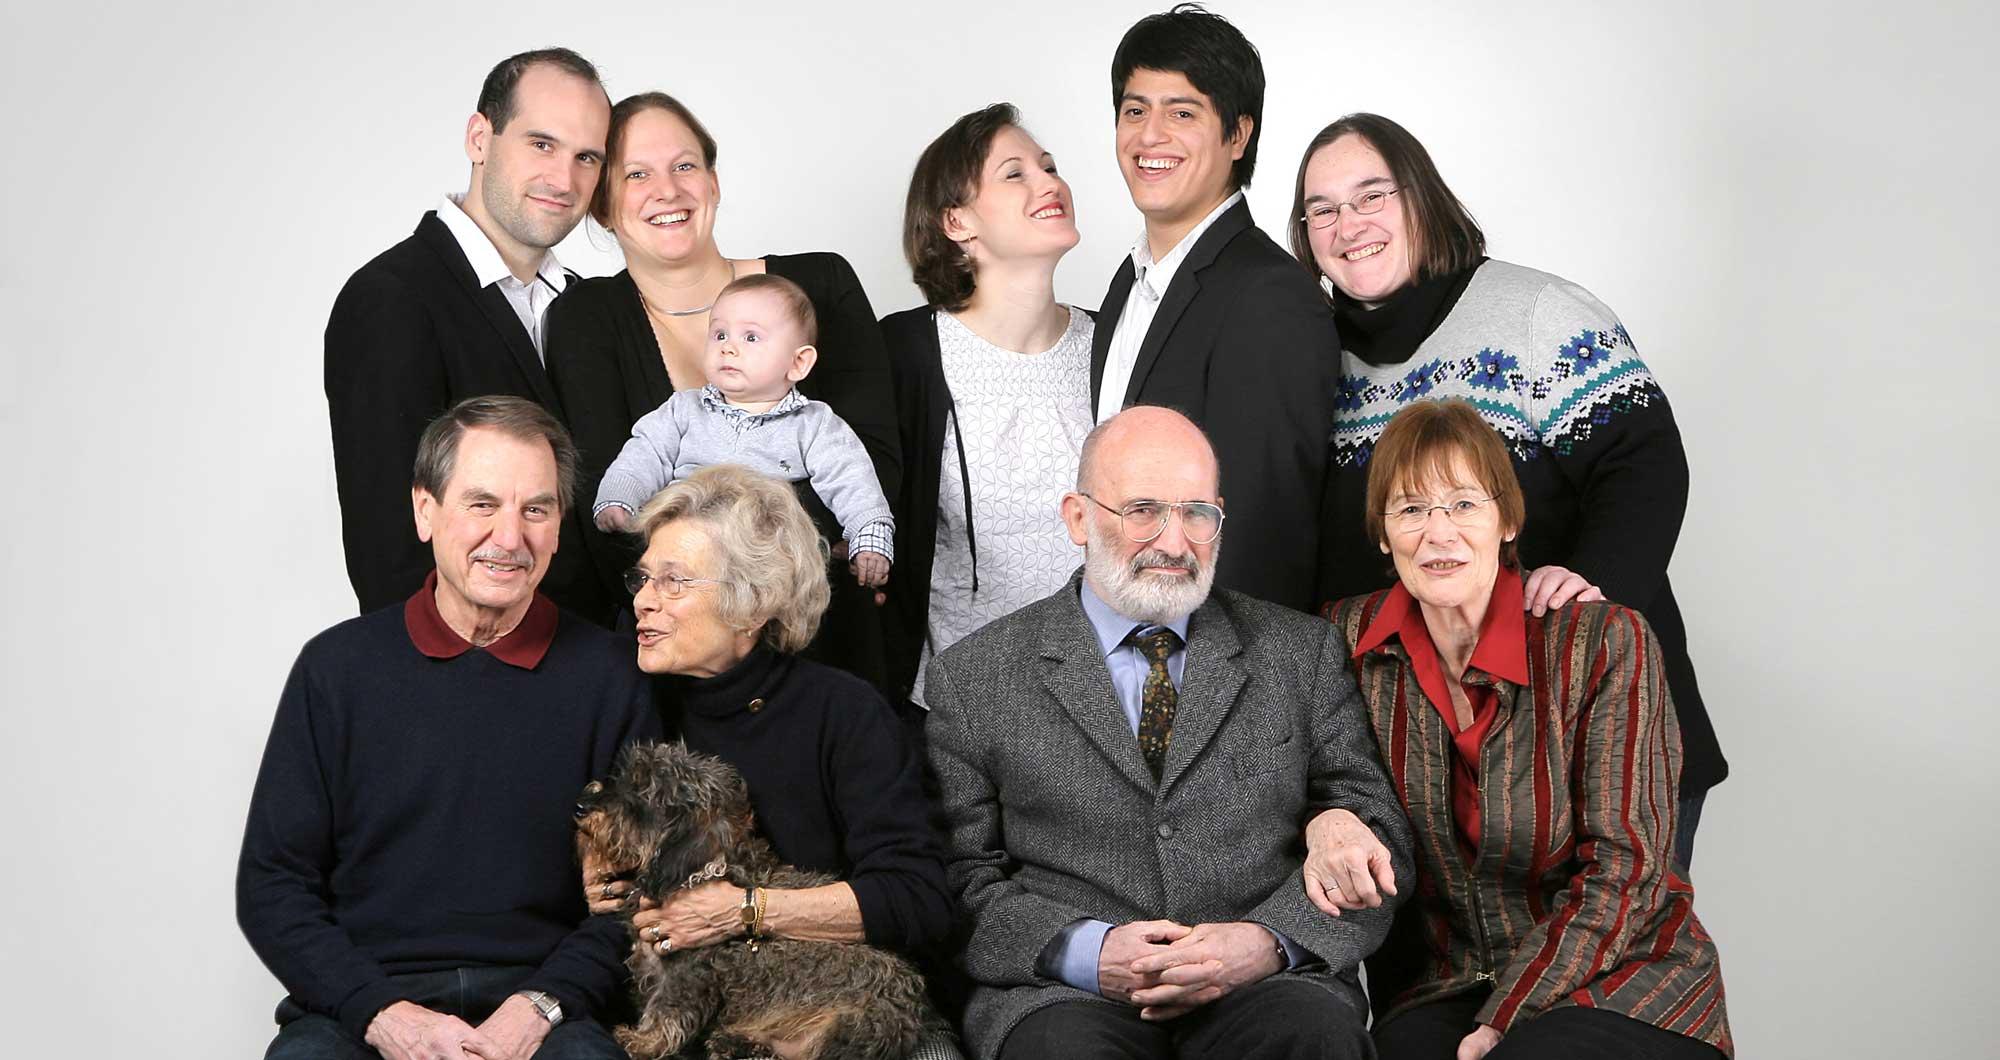 familieundkinderfoto-lenzvonkolkow02